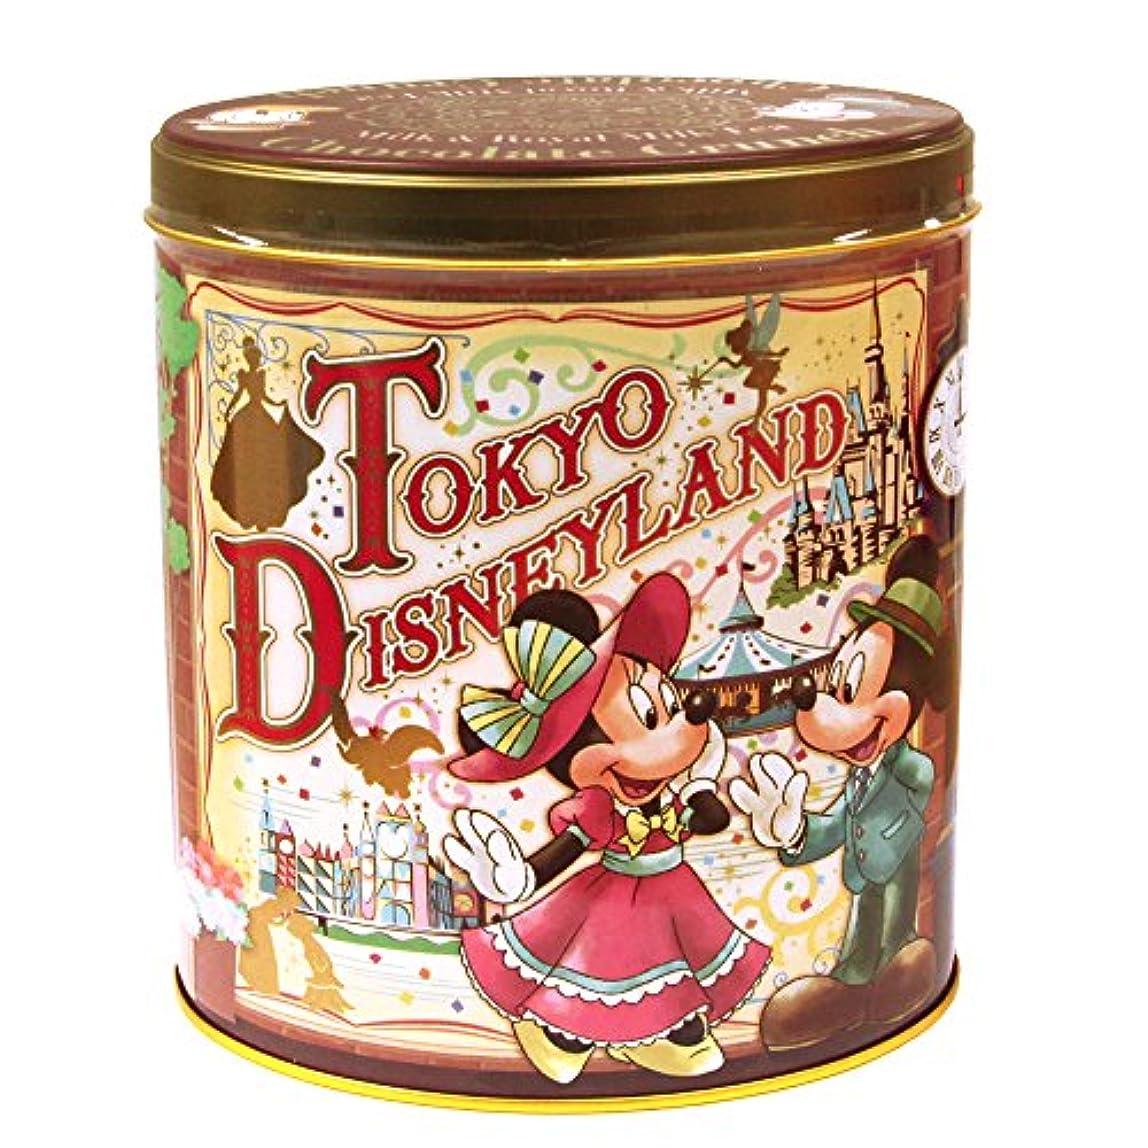 超高層ビル労働者第二ディズニー お菓子 チョコレート クランチ (ミルク&ロイヤルミルクティー味) チョコ ミッキー ミニー ドナルド デイジー ( ディズニーリゾート限定 お土産 )